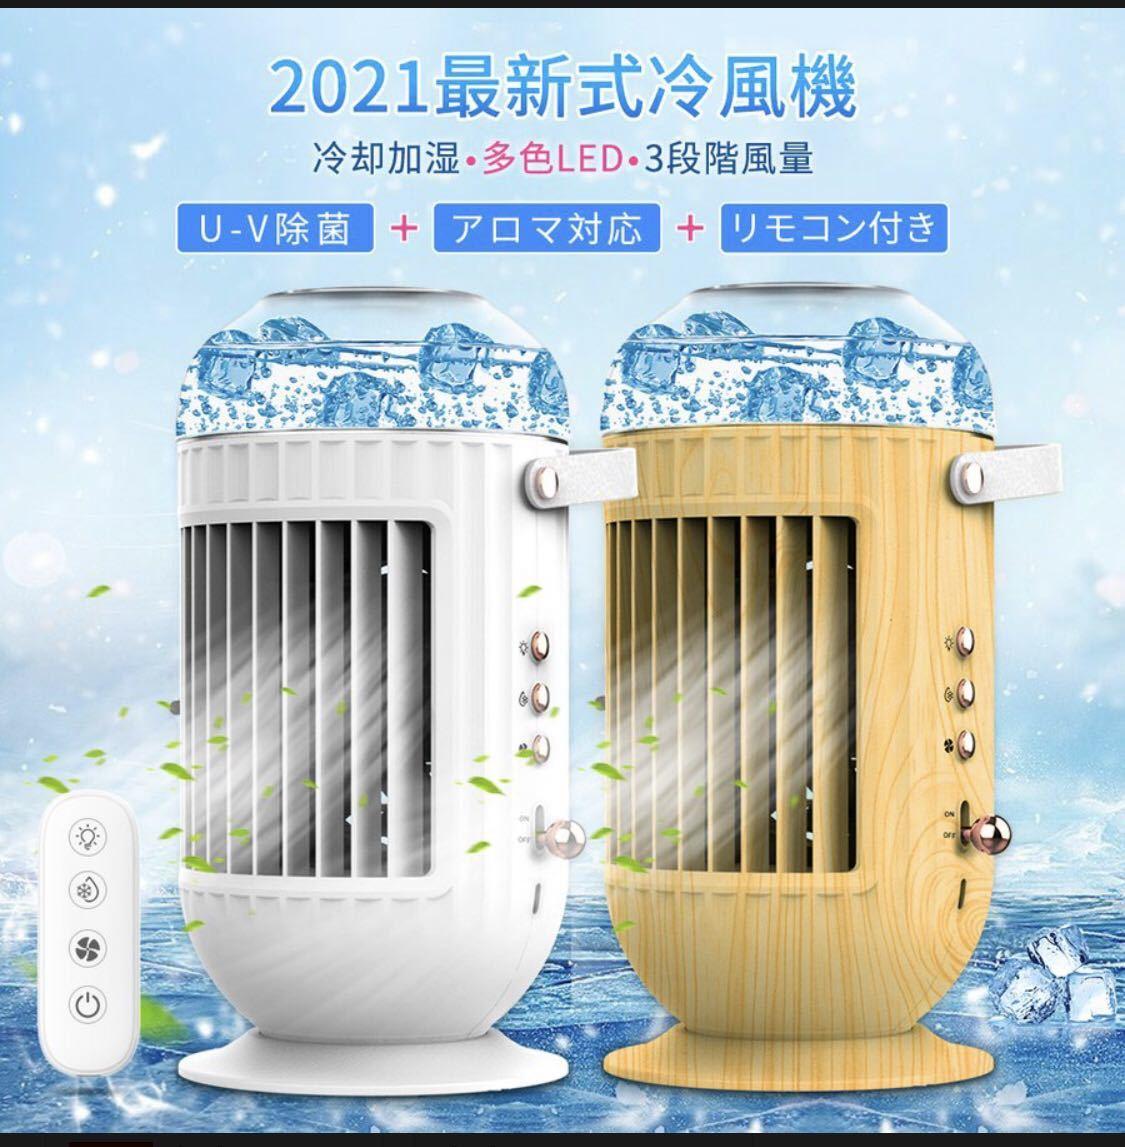 冷風扇 リモコン ミスト 卓上 冷風機 USB給電 扇風機 冷却 加湿 空気浄化 1台多役 3段階風量 多色LEDライト アロマ対応 ホワイト_画像1